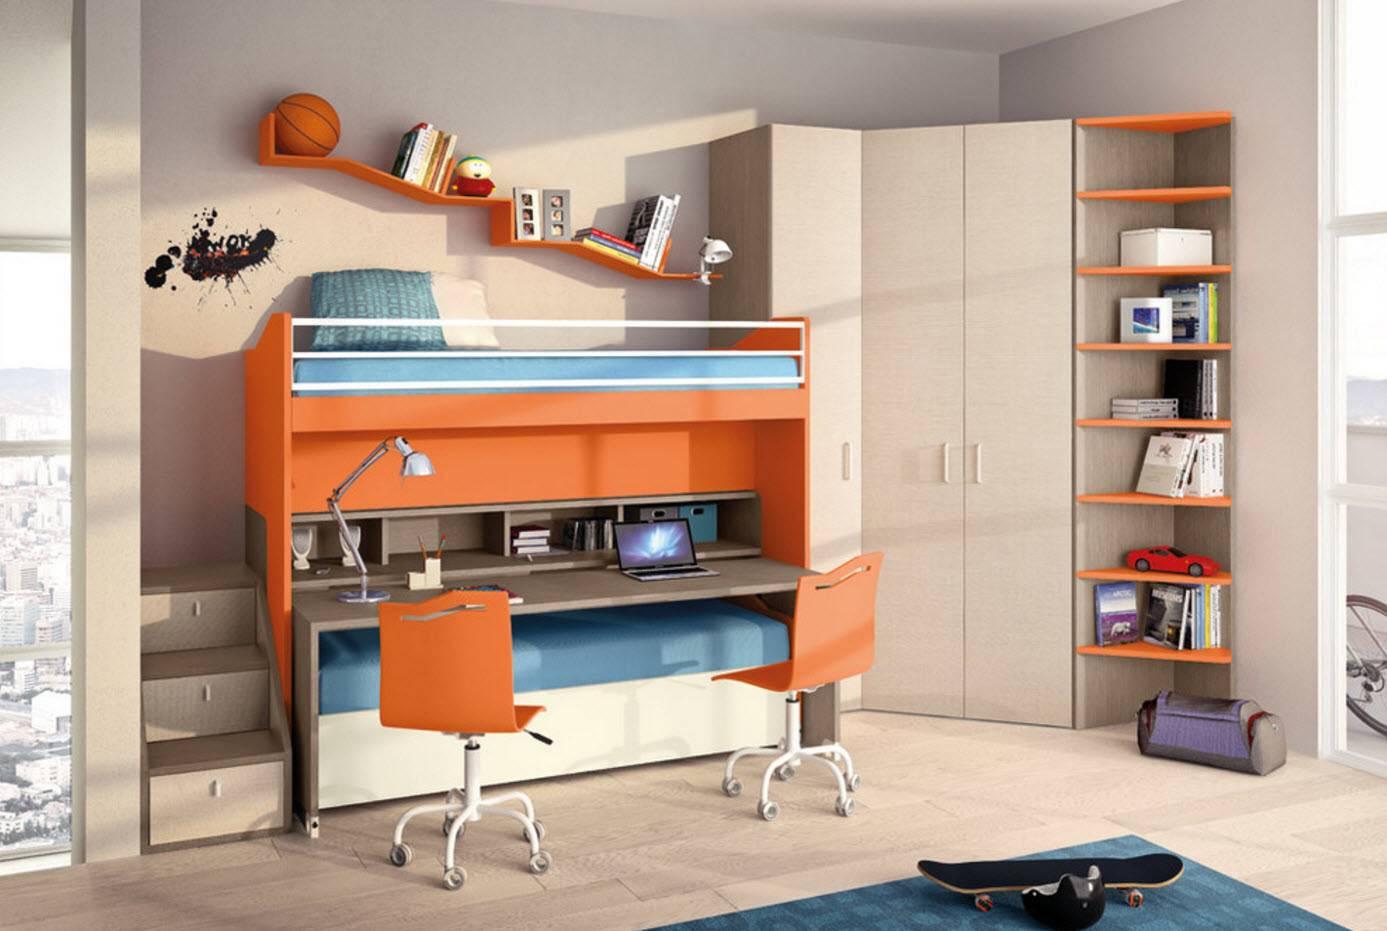 Угловой шкаф в детскую комнату для двоих: размеры и дизайн мебели   дизайн и фото